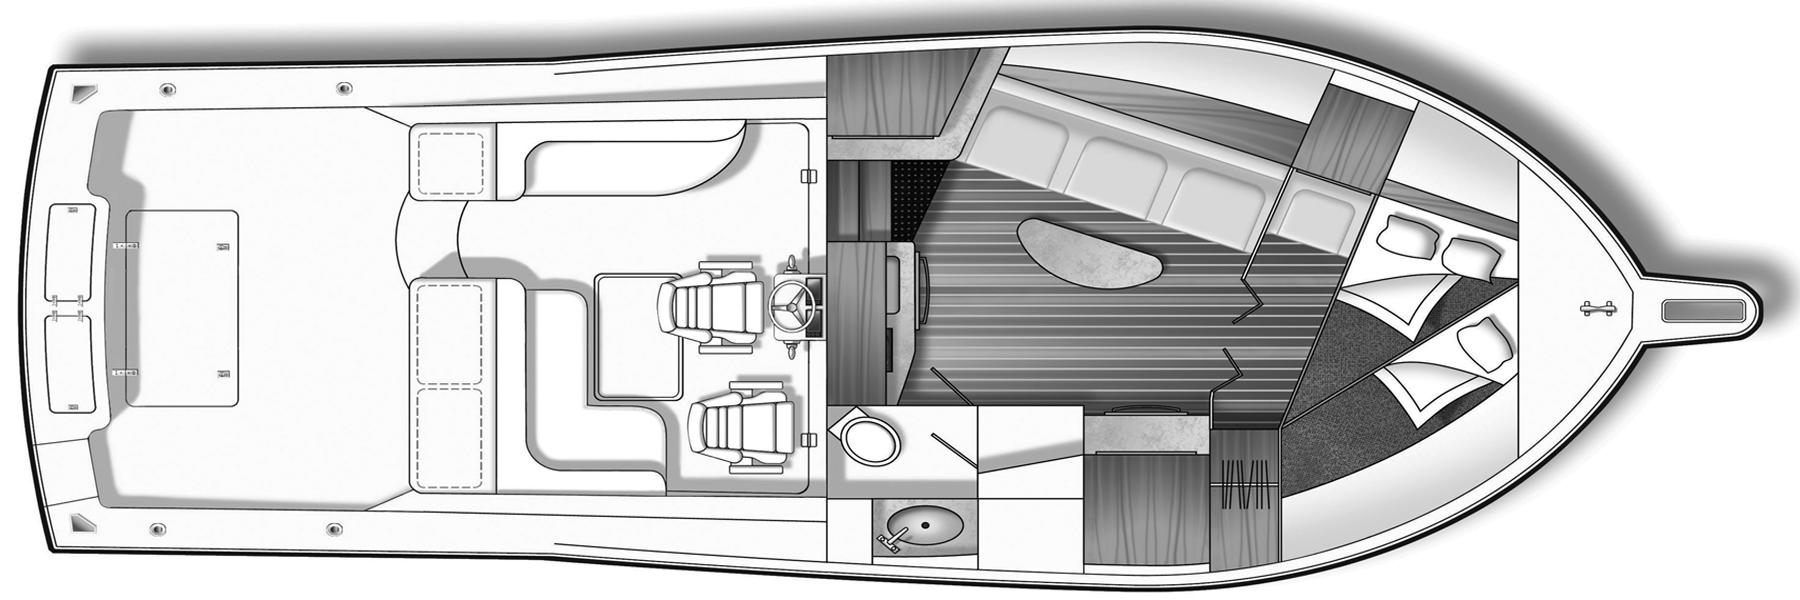 360 Express Floor Plan 1